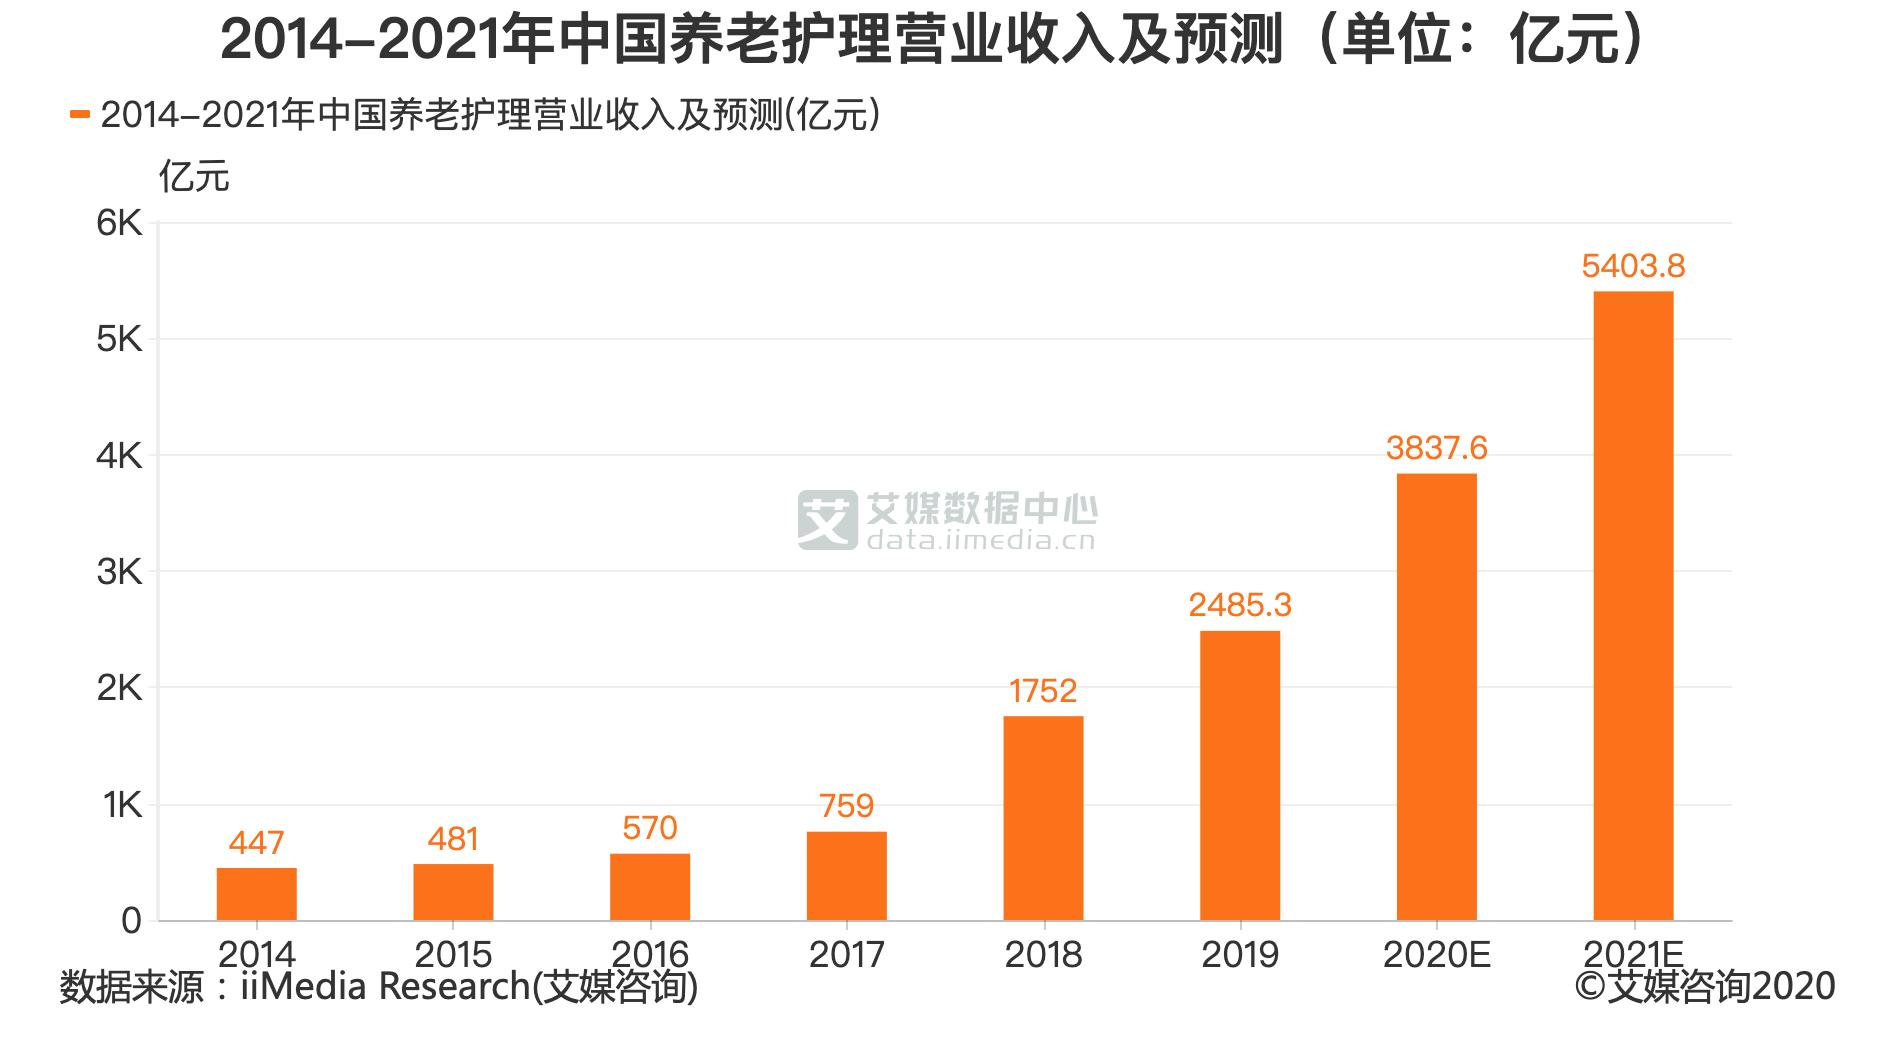 2014-2021年中国养老护理营业收入及预测(单位:亿元)